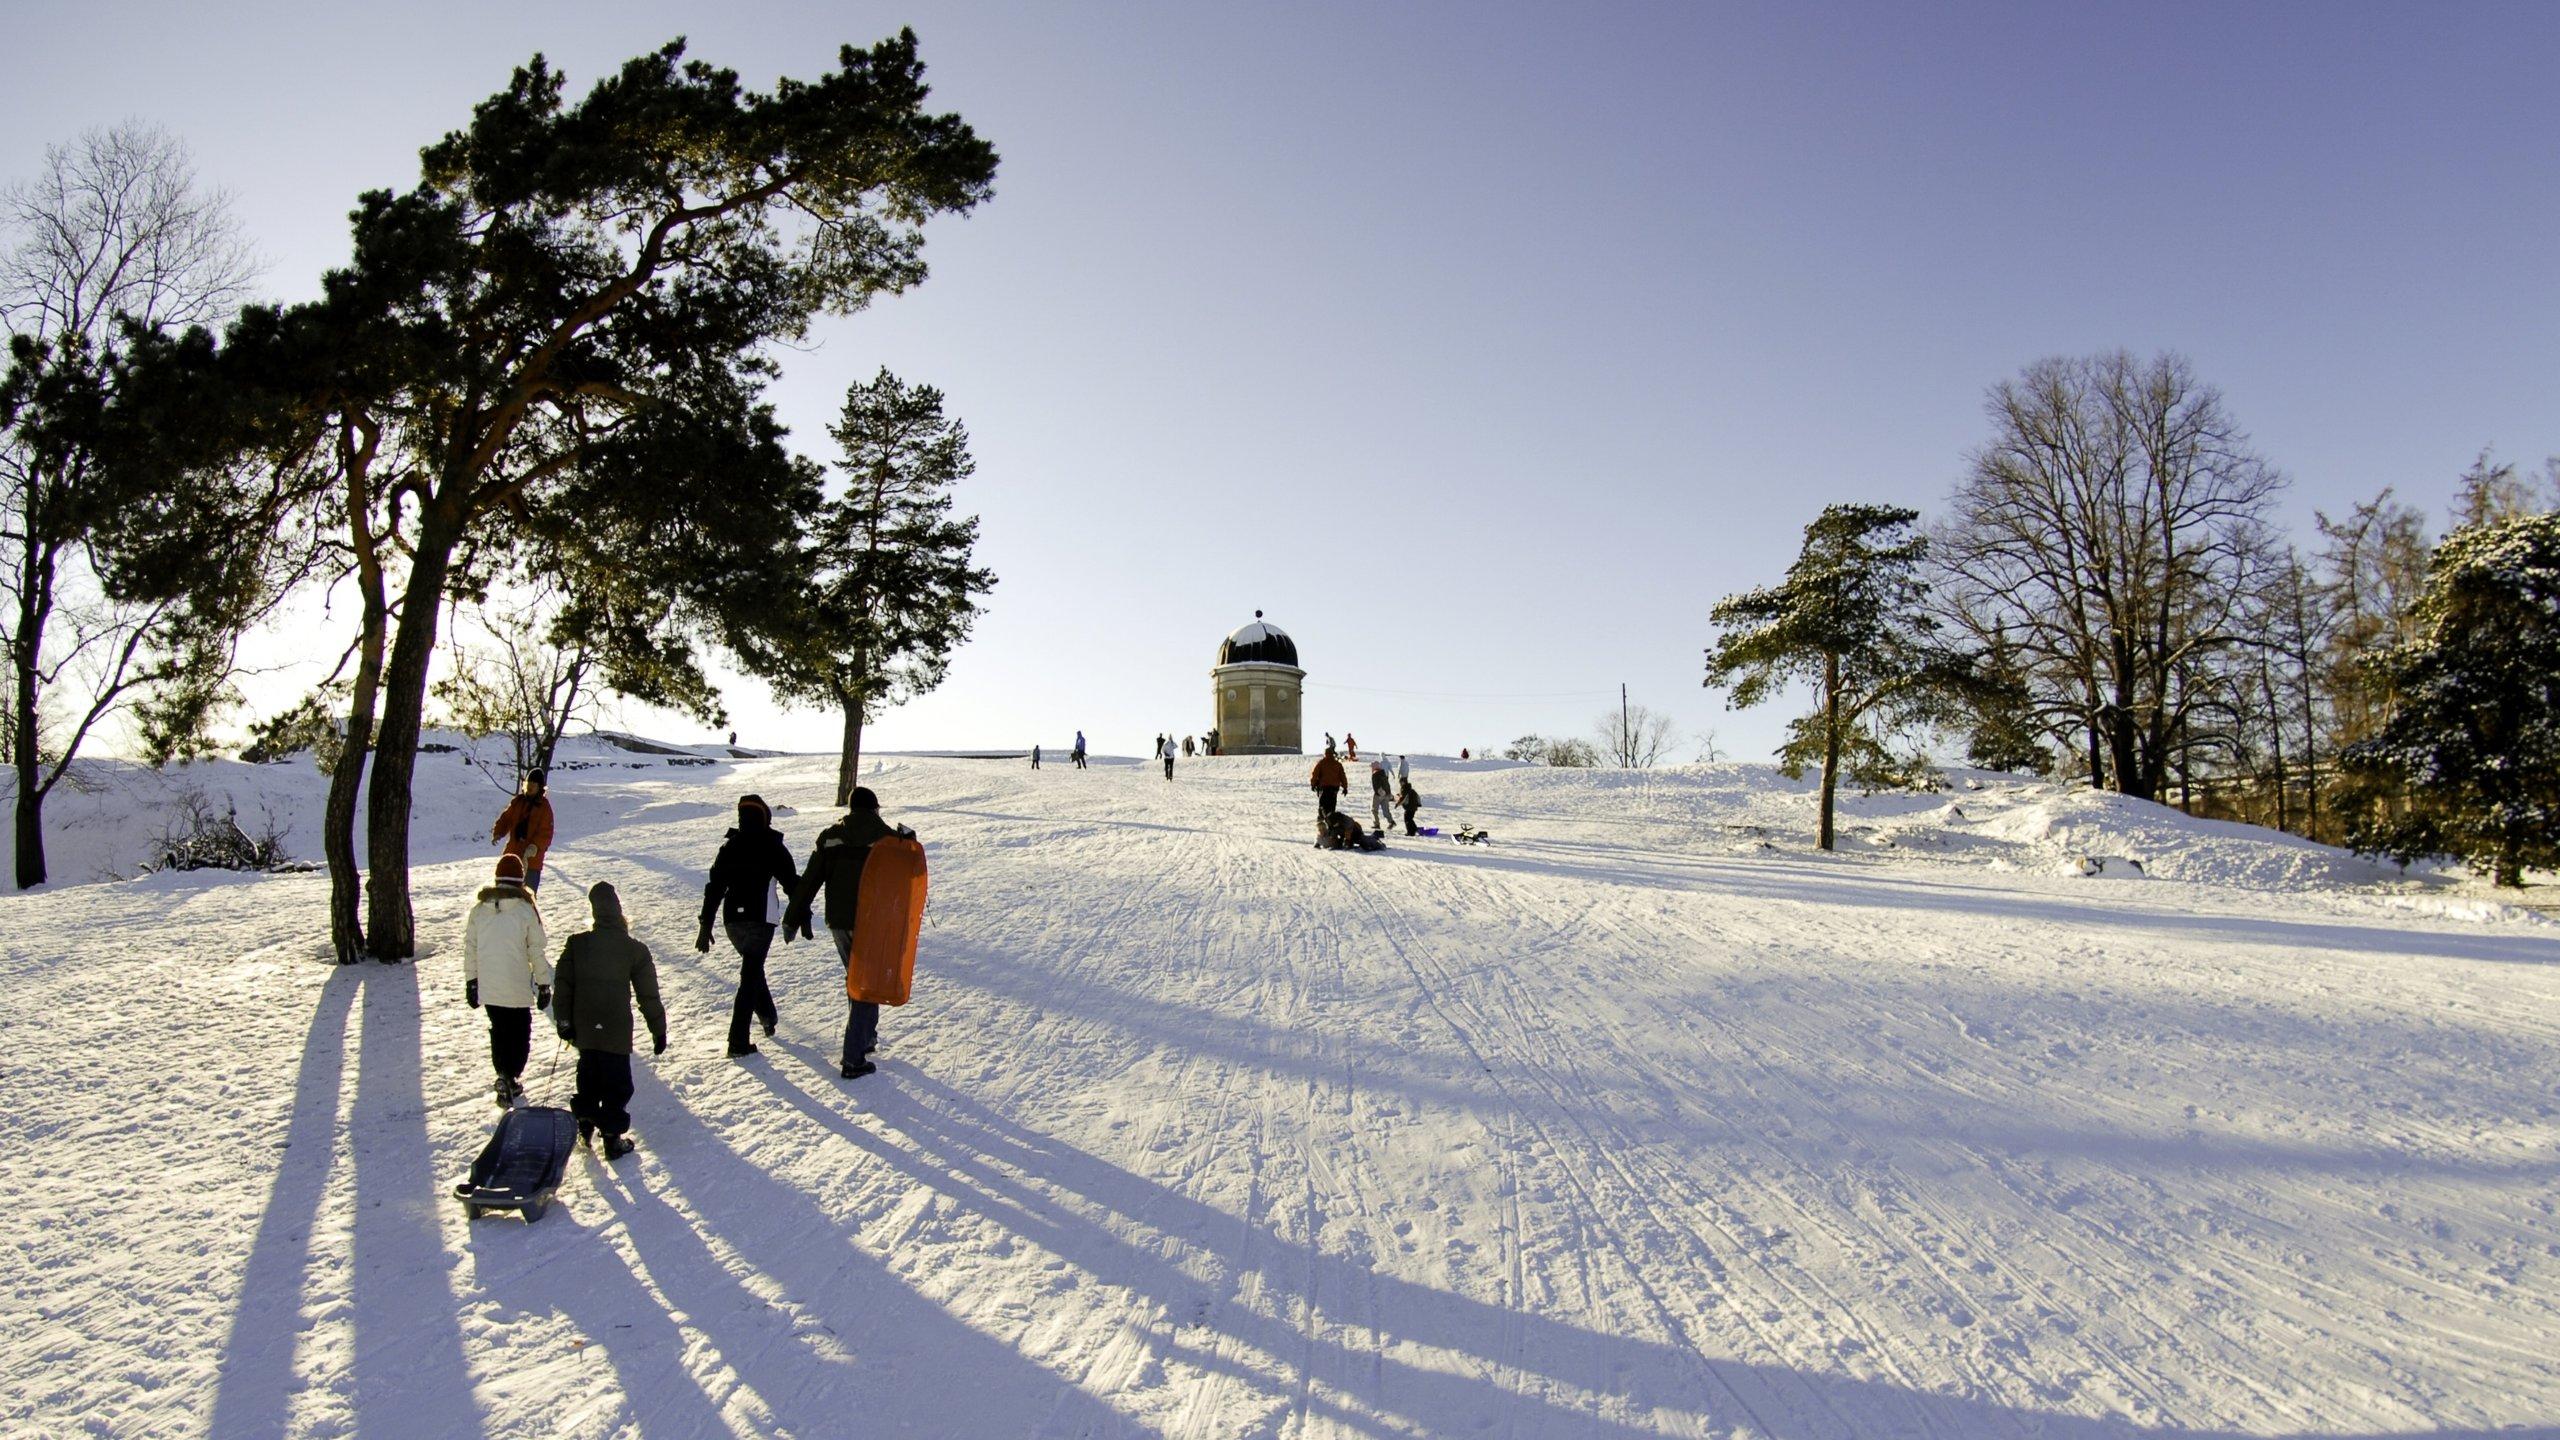 Uusimaa, Finland